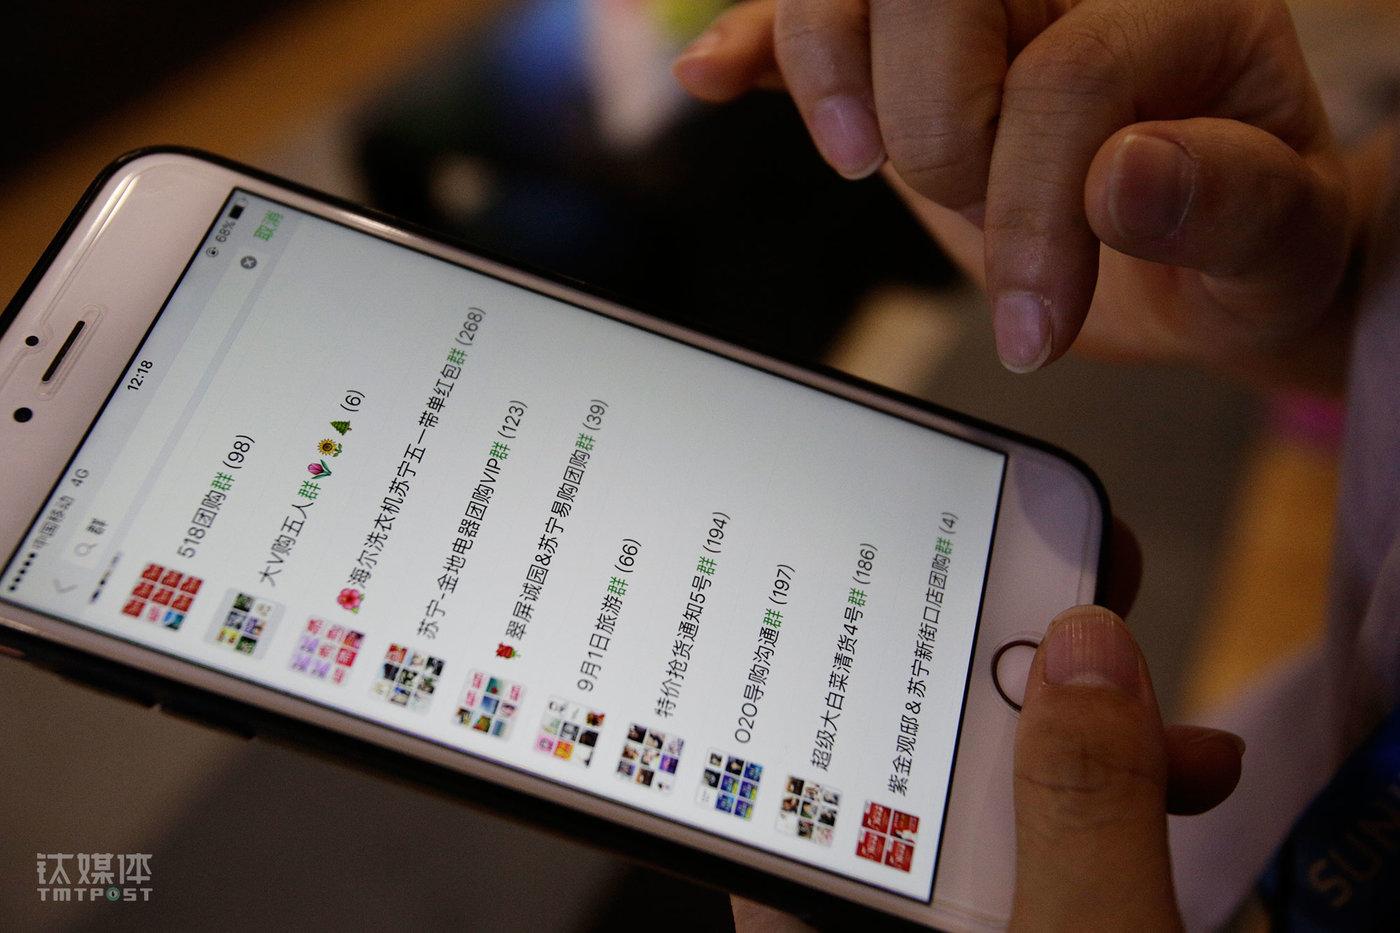 """巫贝珍手机里的销售外拓微信群,这些群都是""""精准购买群体""""。外拓引流是苏宁易购V购的一项重要工作,每位V购都是这个卖场的一个流量入口。除了在网上引流,他们还要负责在小区、楼盘、企事业单位、展会开展多种形式的线下拓展:比如带队在小区驻点、组织业主或企事业单位员工宣讲、组织开展免费家电清洗等服务项目,用各种方式为线下店带来人气。"""